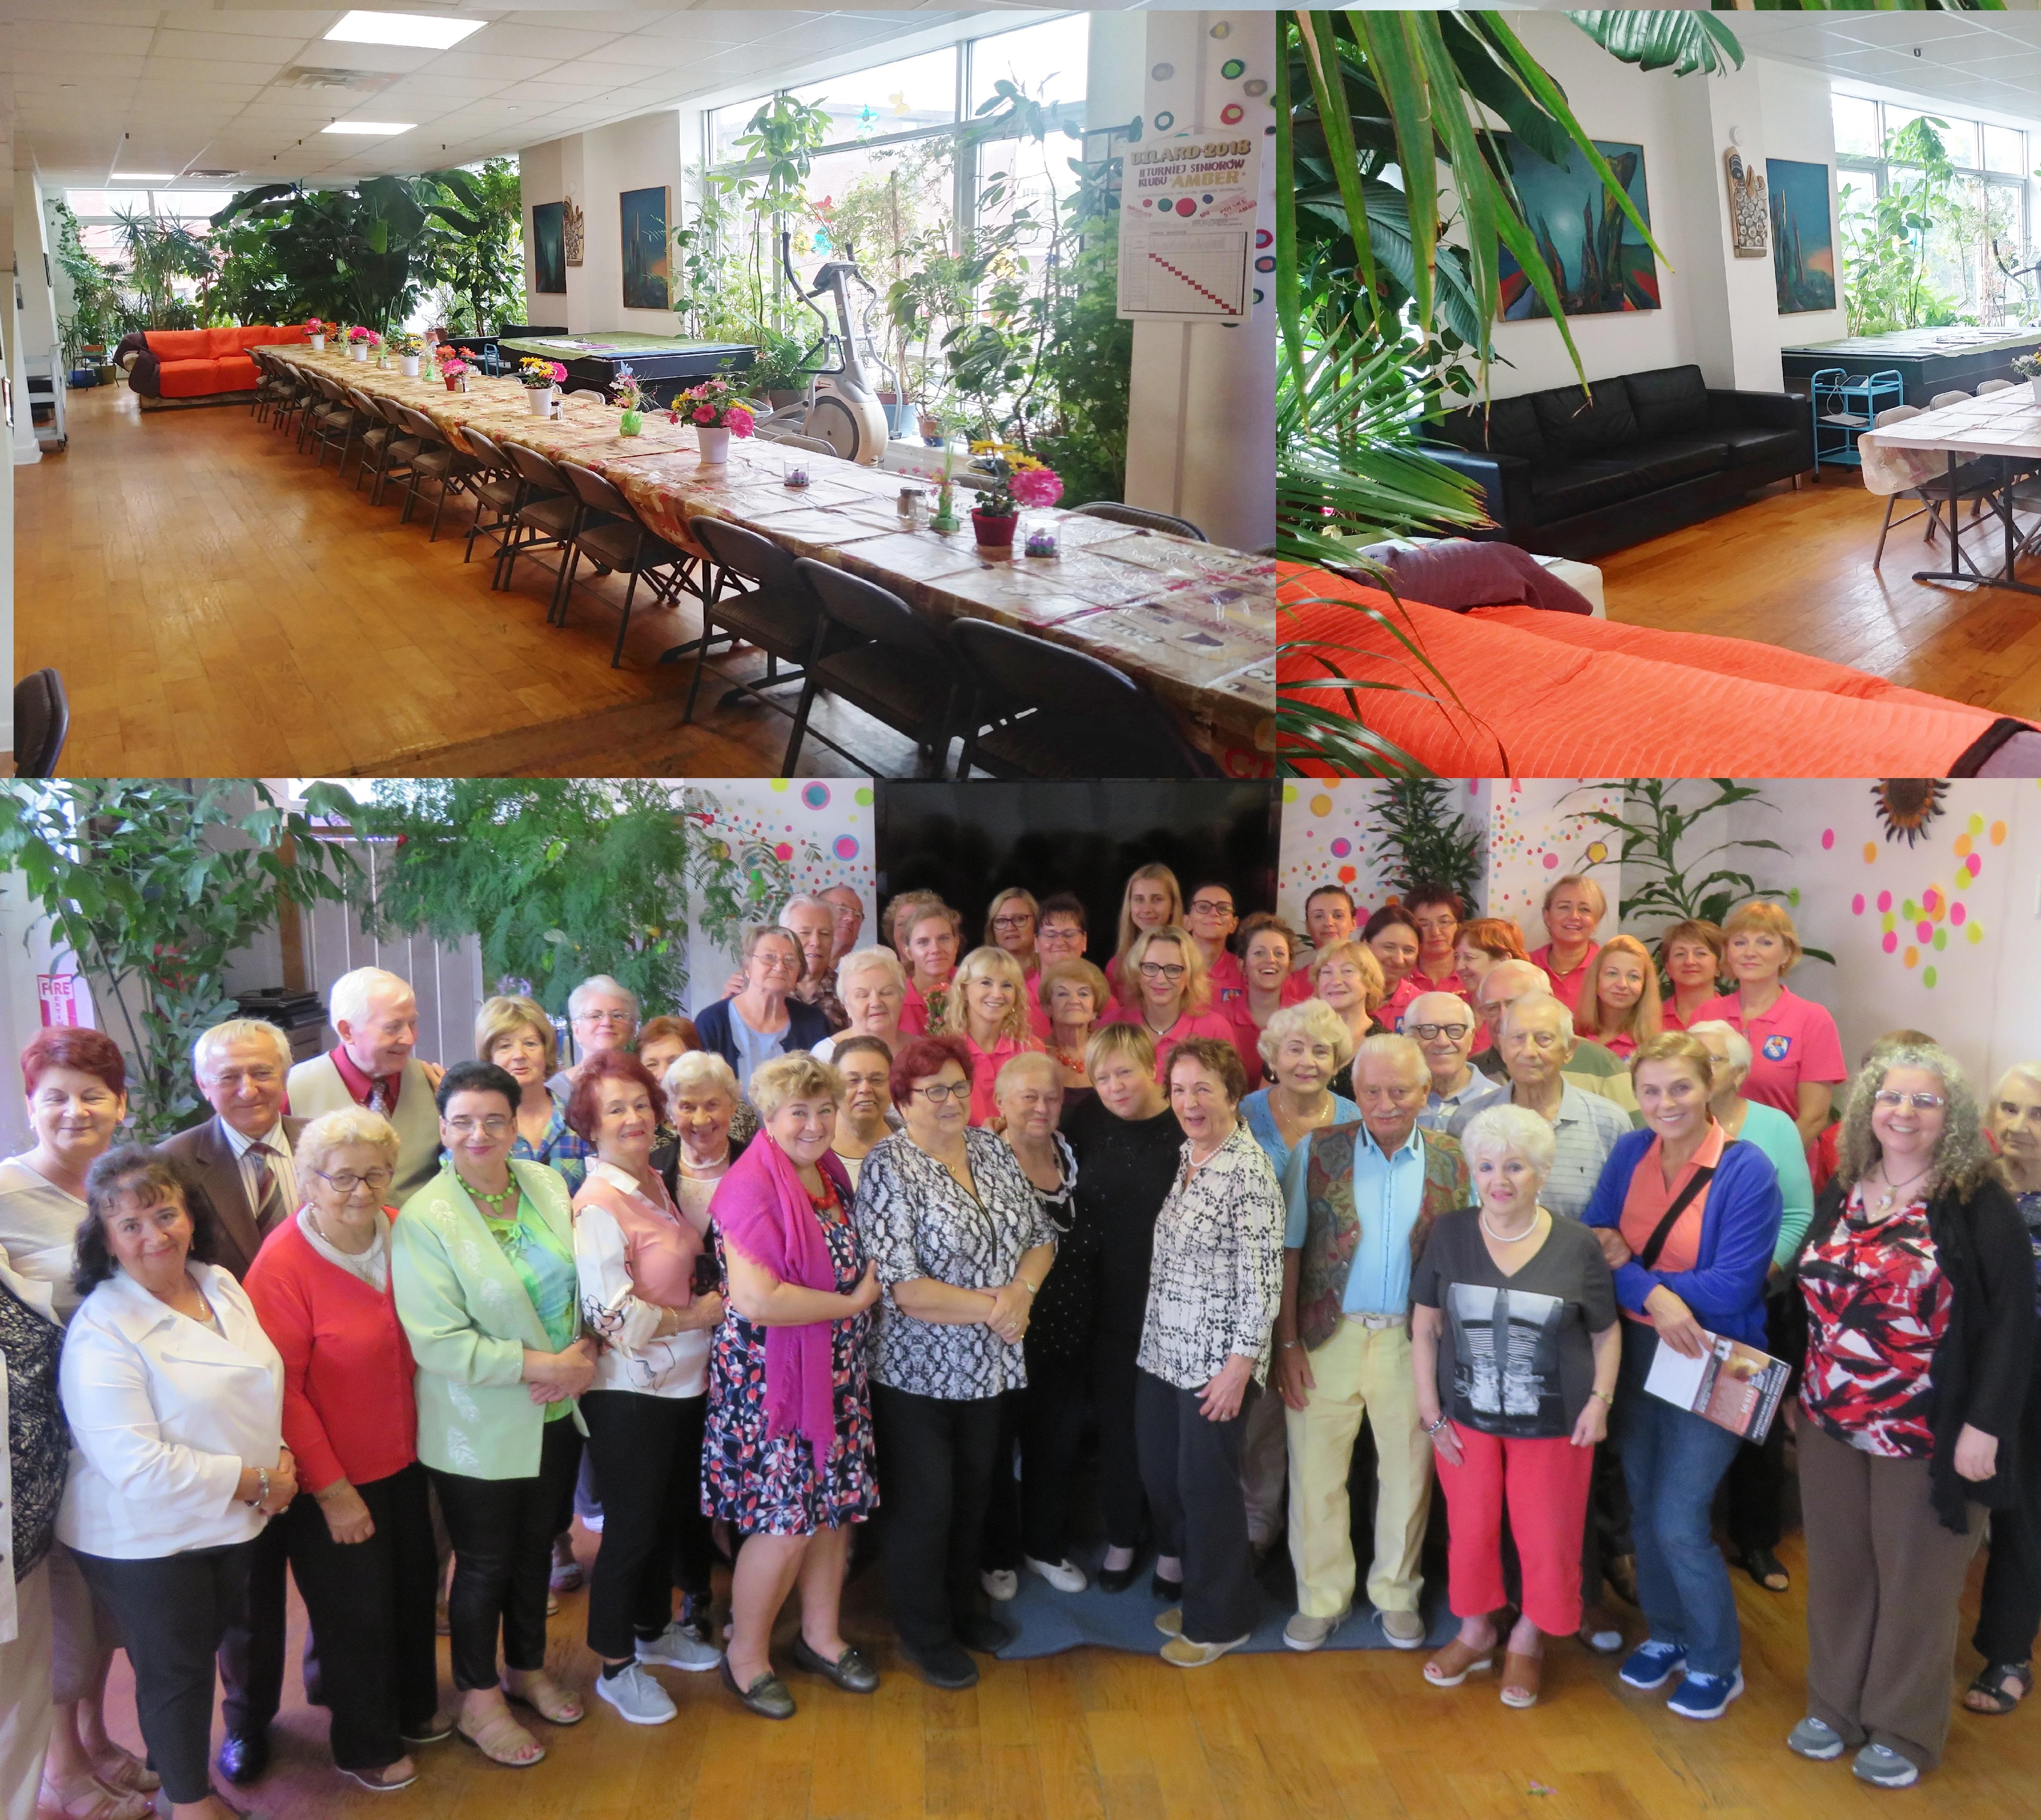 Jubileusz pięciolecia polskiego Klubu Seniora  Amber Health na Greenpoincie